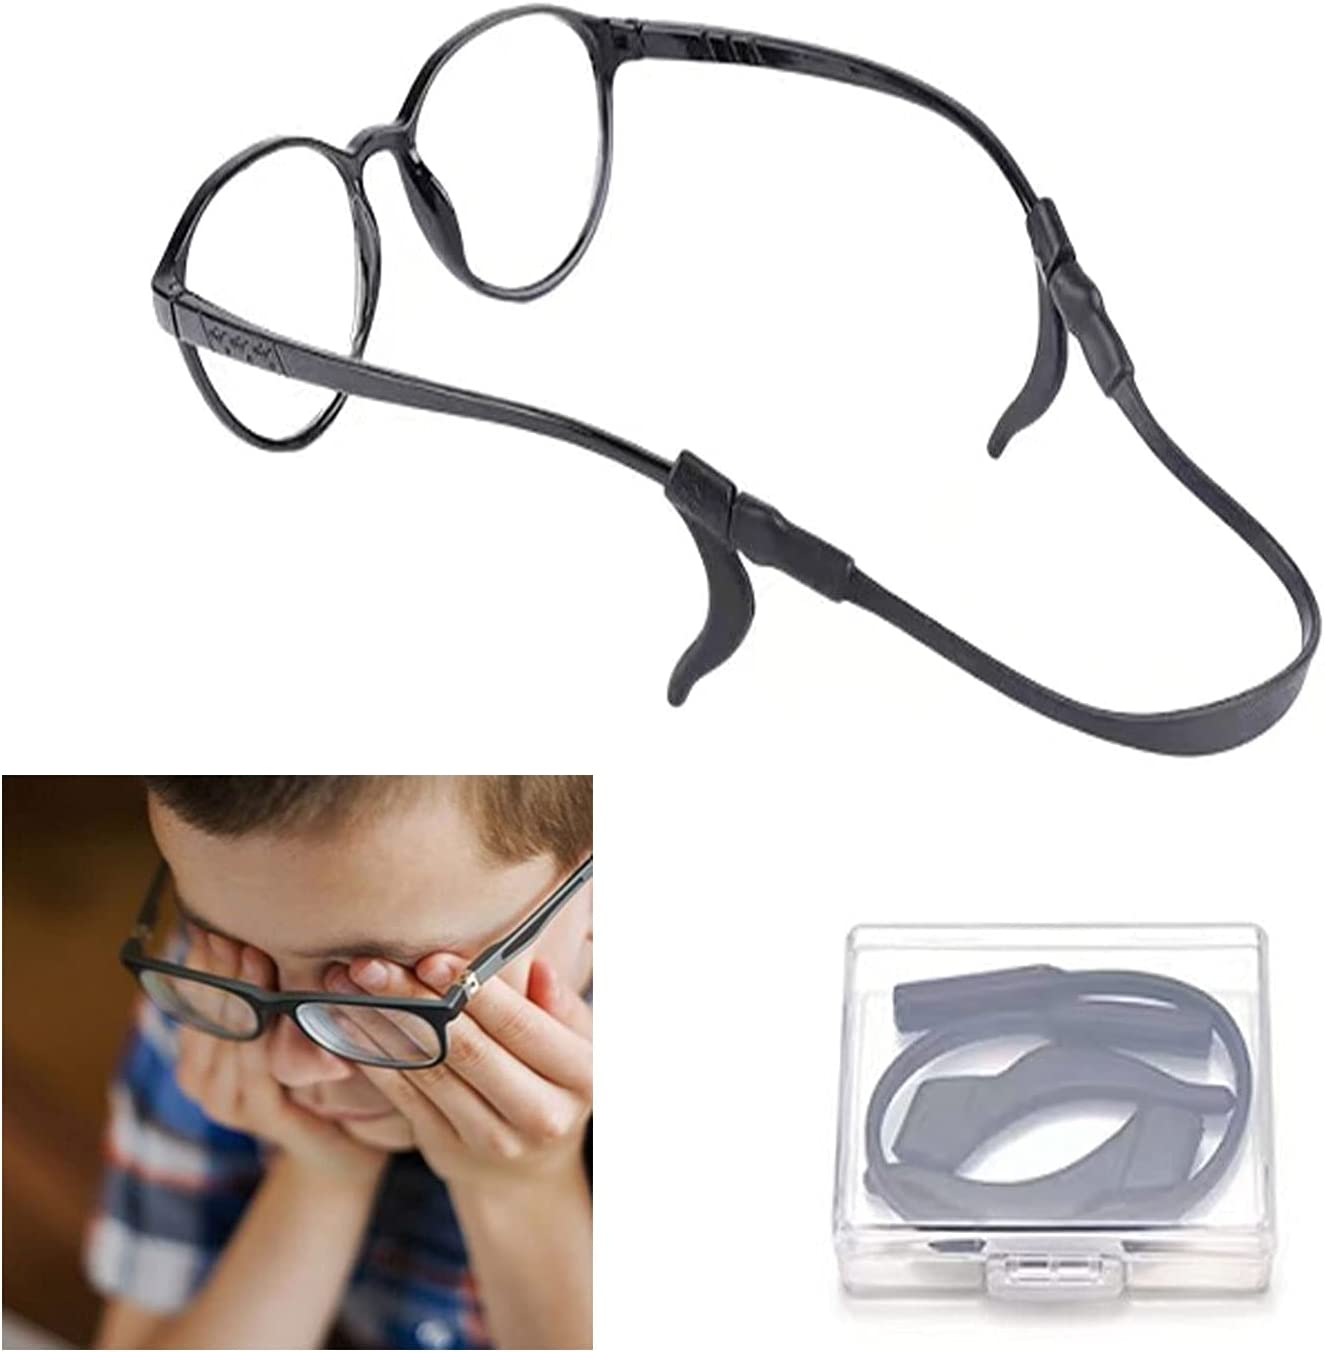 CIOOII 3 Pairs Anti-Slip Silicone Glasses Straps-Silicone non-slip ear hook-Eyewear Retainer-Eyeglass Strap For Kid (BLACK)